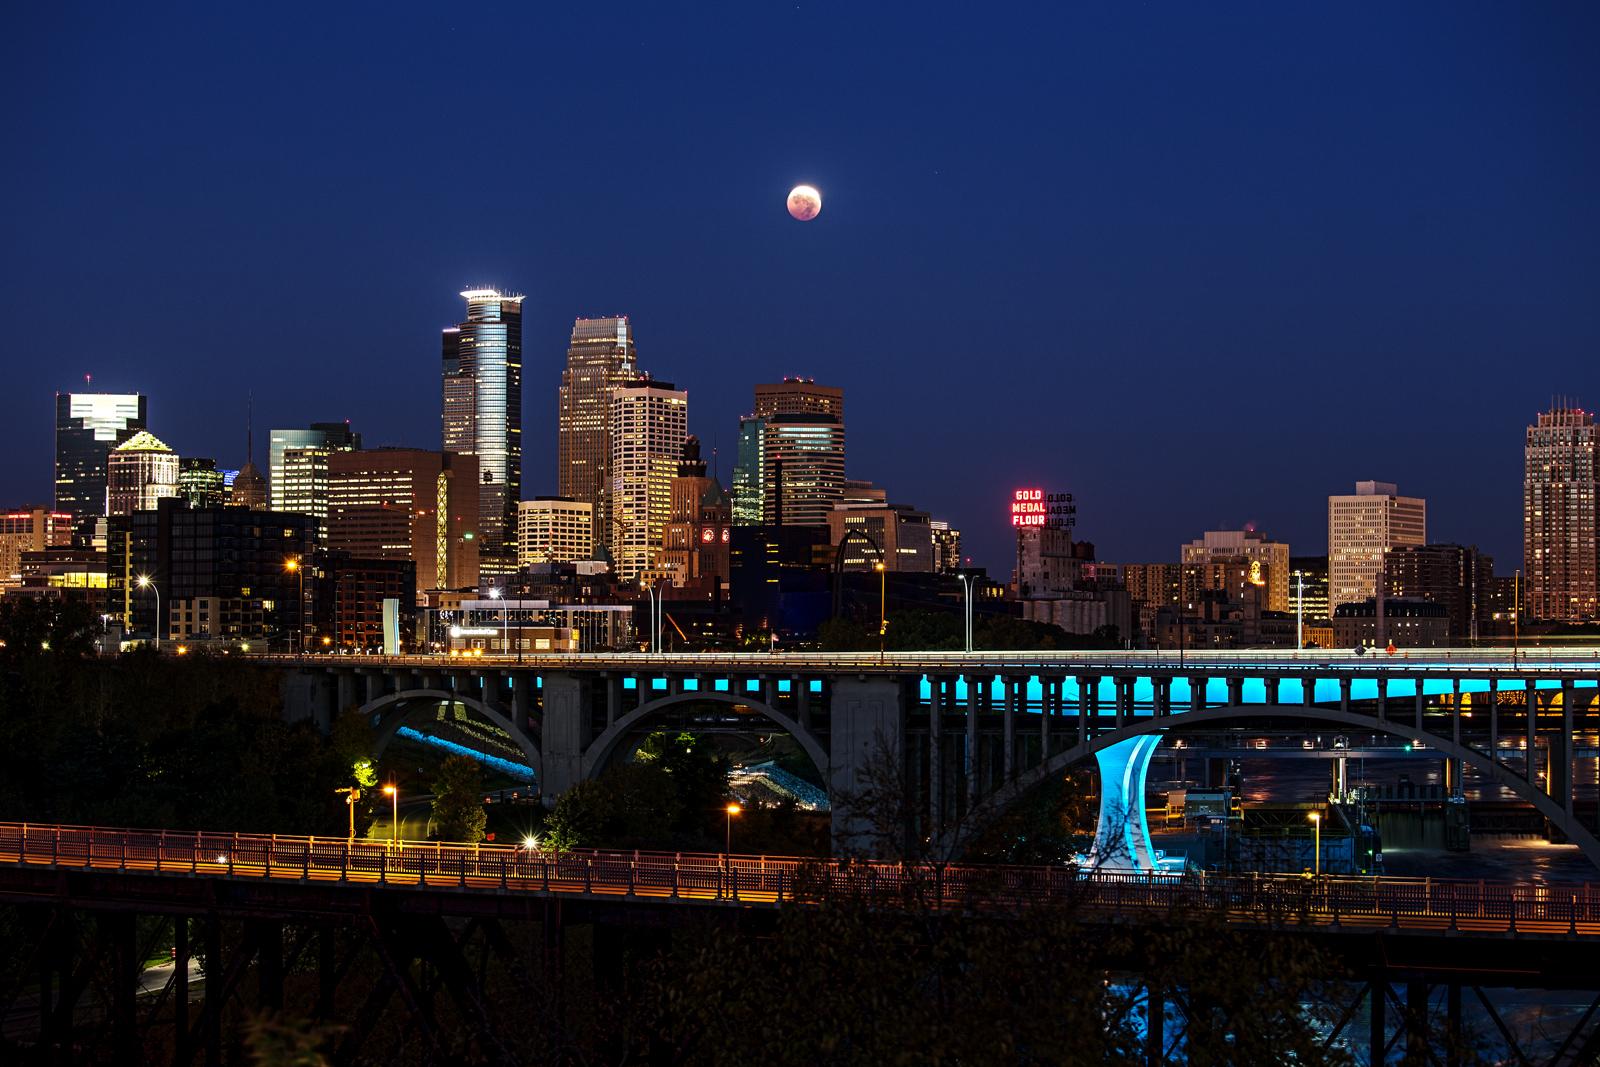 Nguyệt thực trên bầu trời thành phố Minneapolis, hạt Hennepin, bang Minnesota, nước Mỹ. Tác giả : Chris Lundberg.